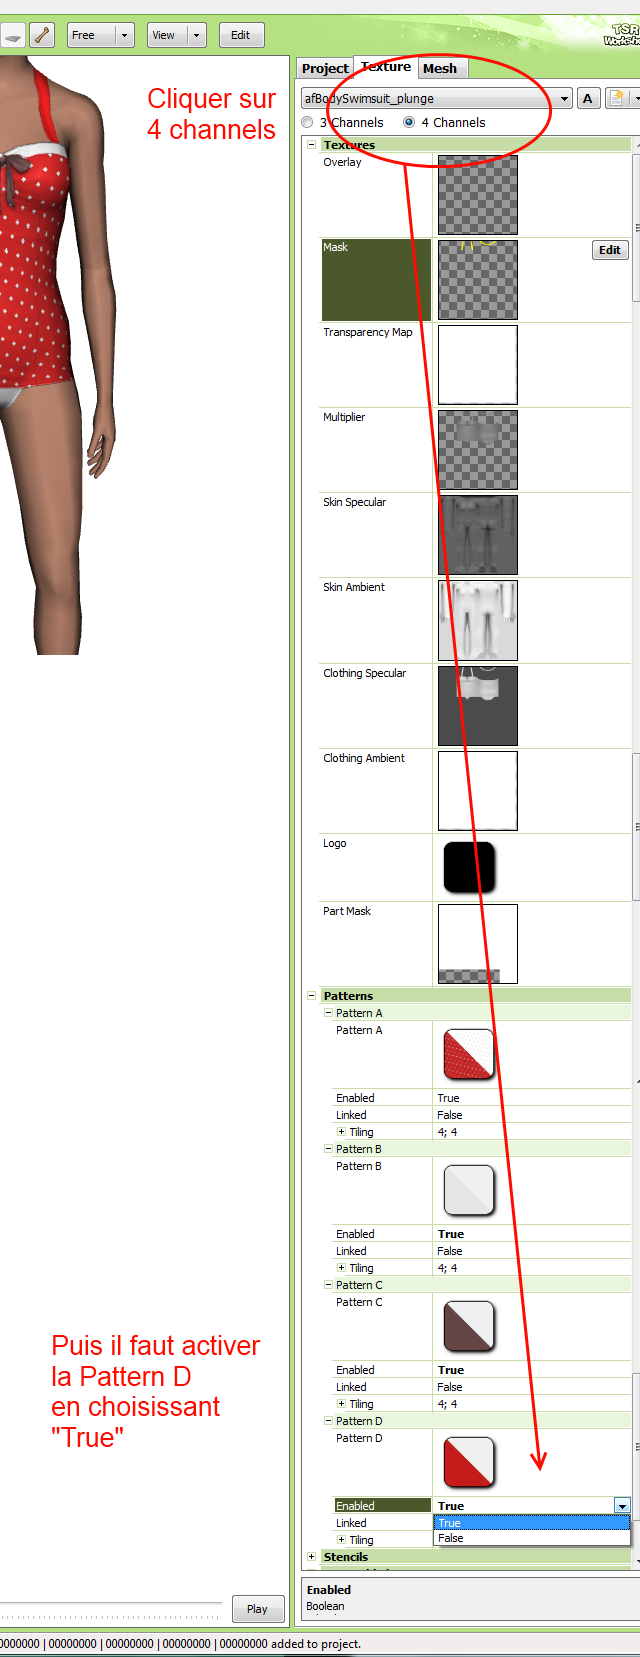 [Fiche] Créer vos vêtements - Insérer une quatrième zone recolorable à un vêtement avec Photoshop en format dds  710